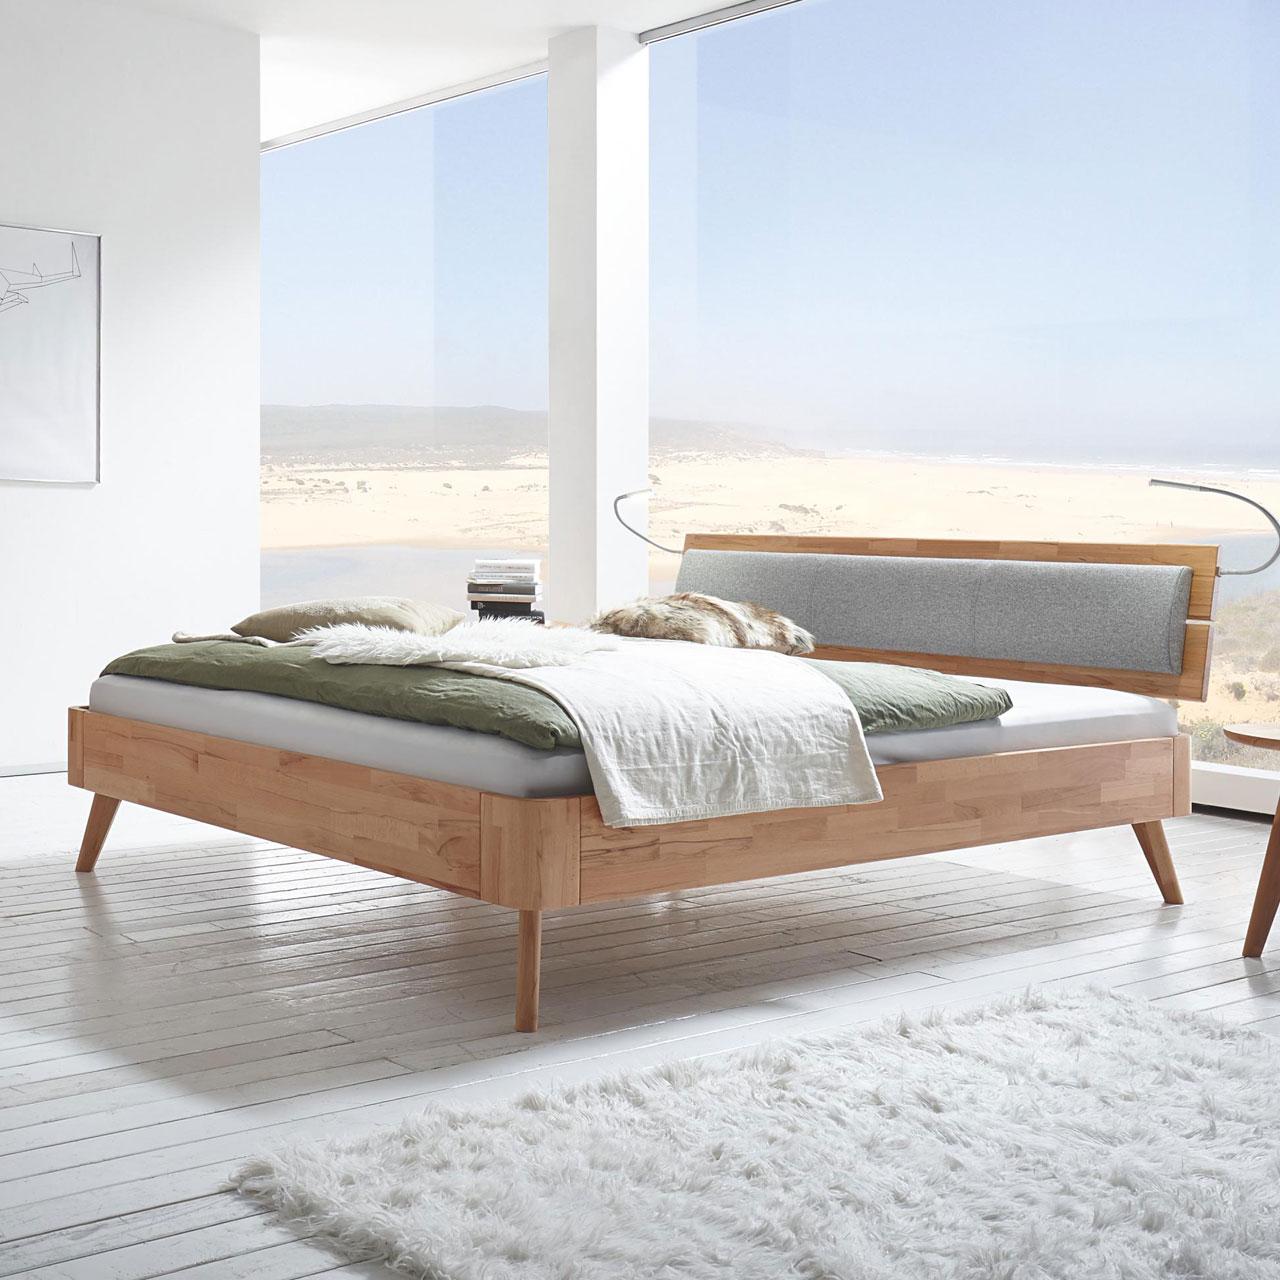 hasena fine line massivholzbett duetto lumo masito massivholzbetten betten matratzen. Black Bedroom Furniture Sets. Home Design Ideas